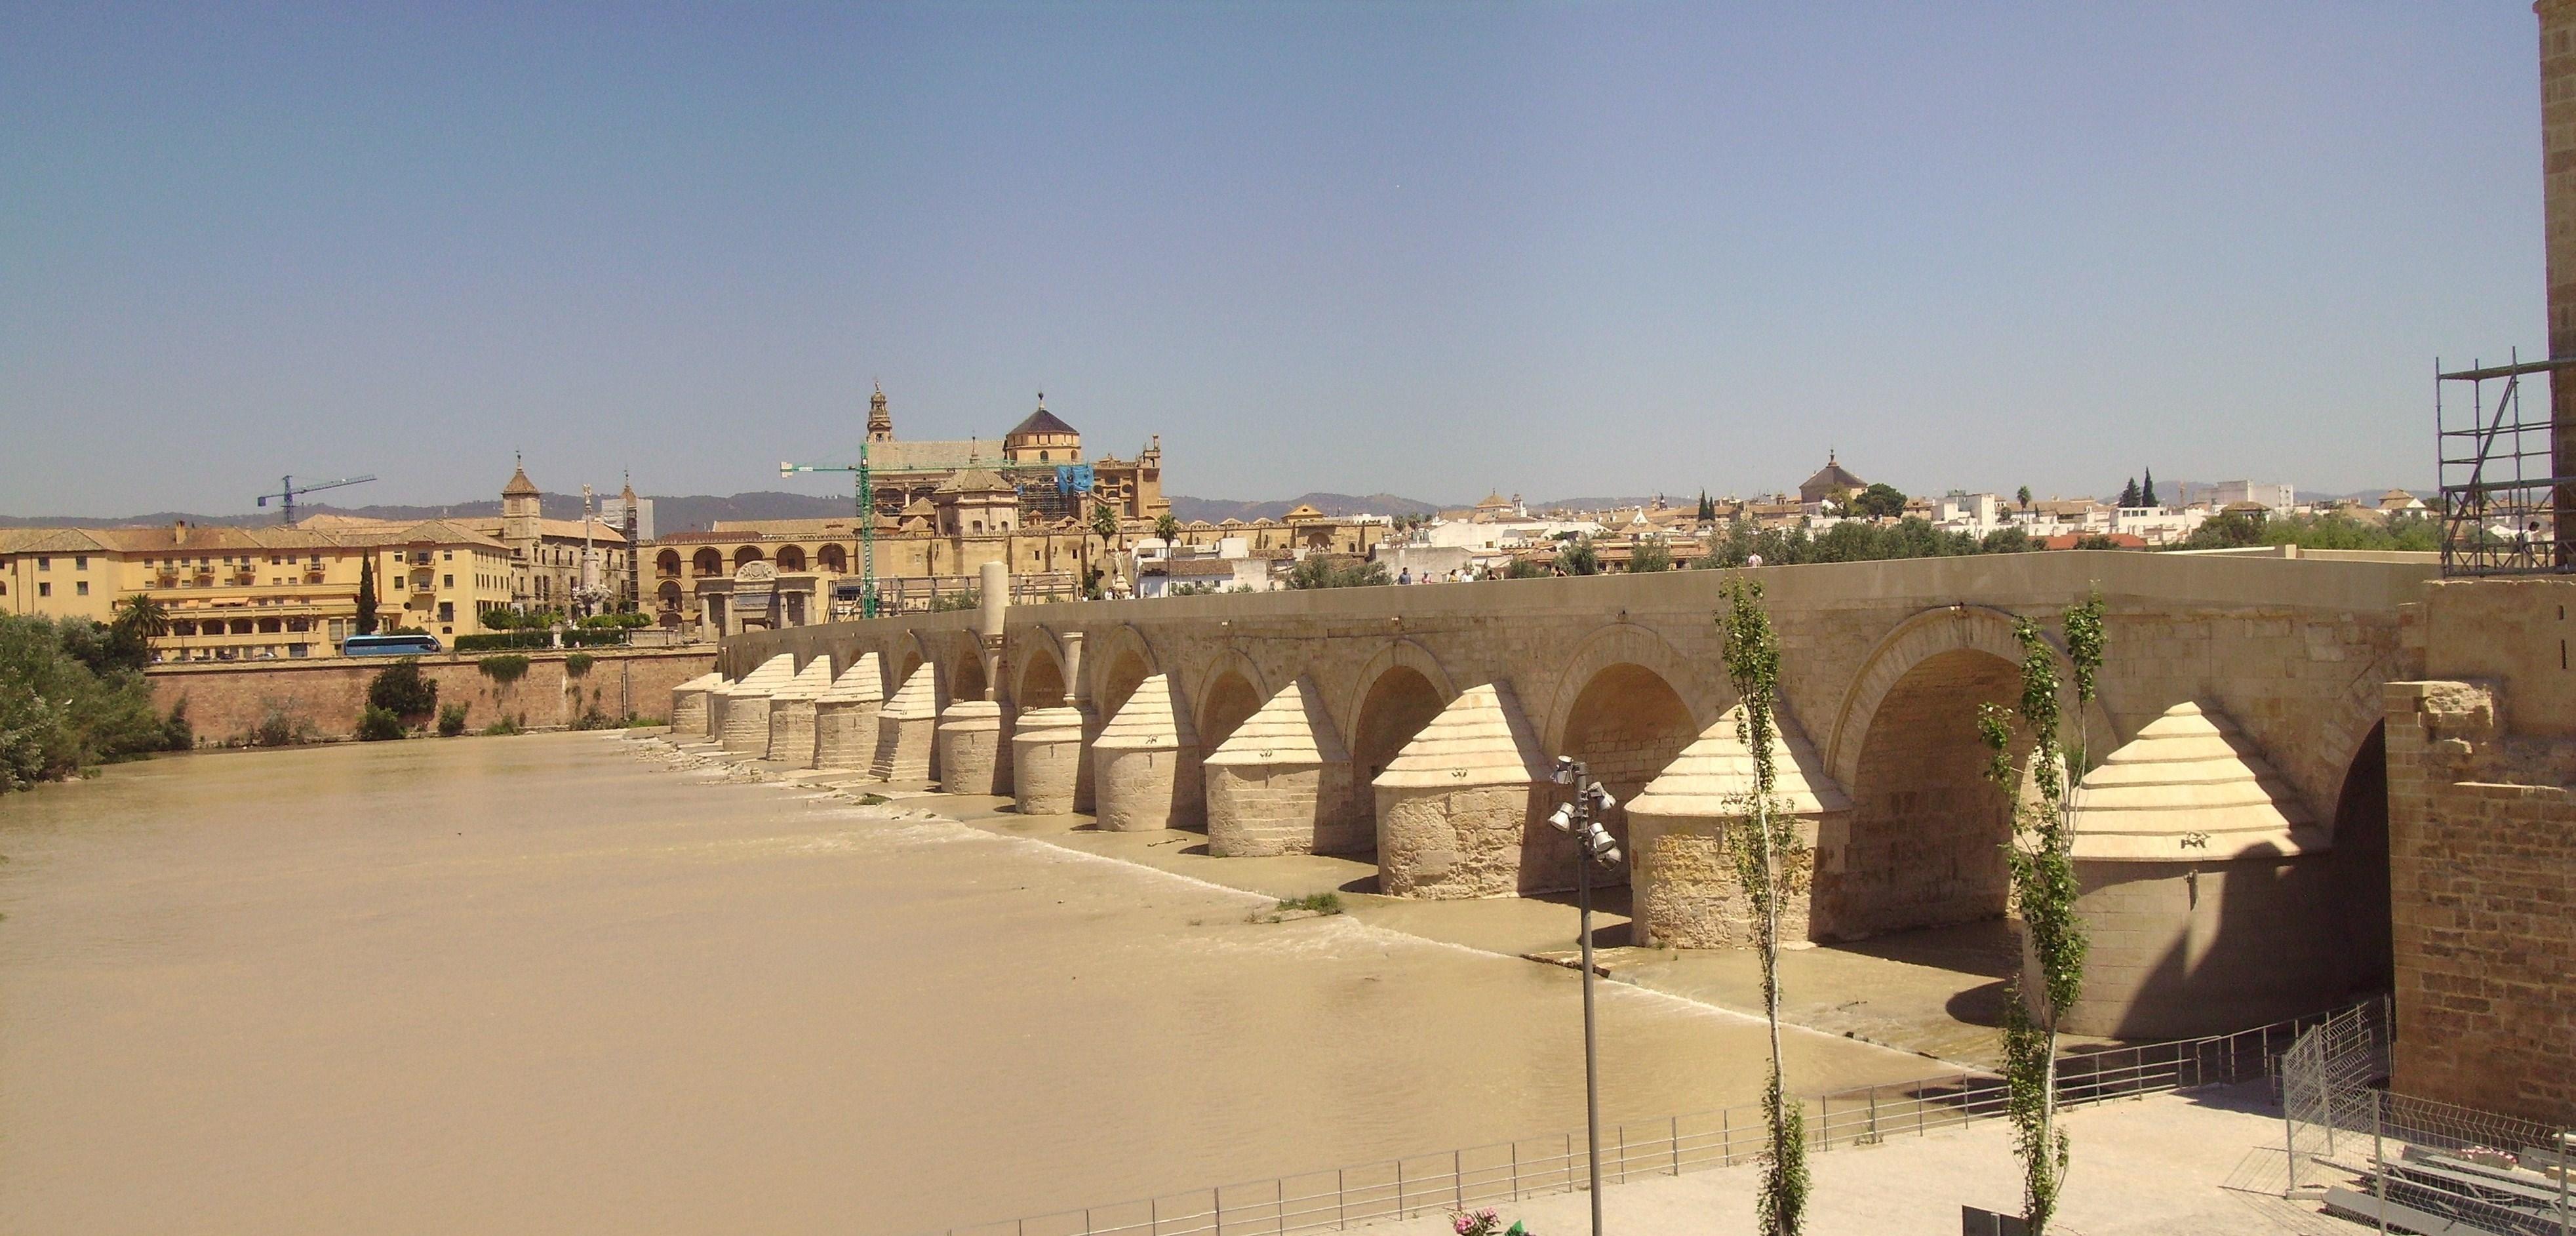 Roman bridge of C rdoba, Spain, built in the 1st century BC.<!-- cite web -->